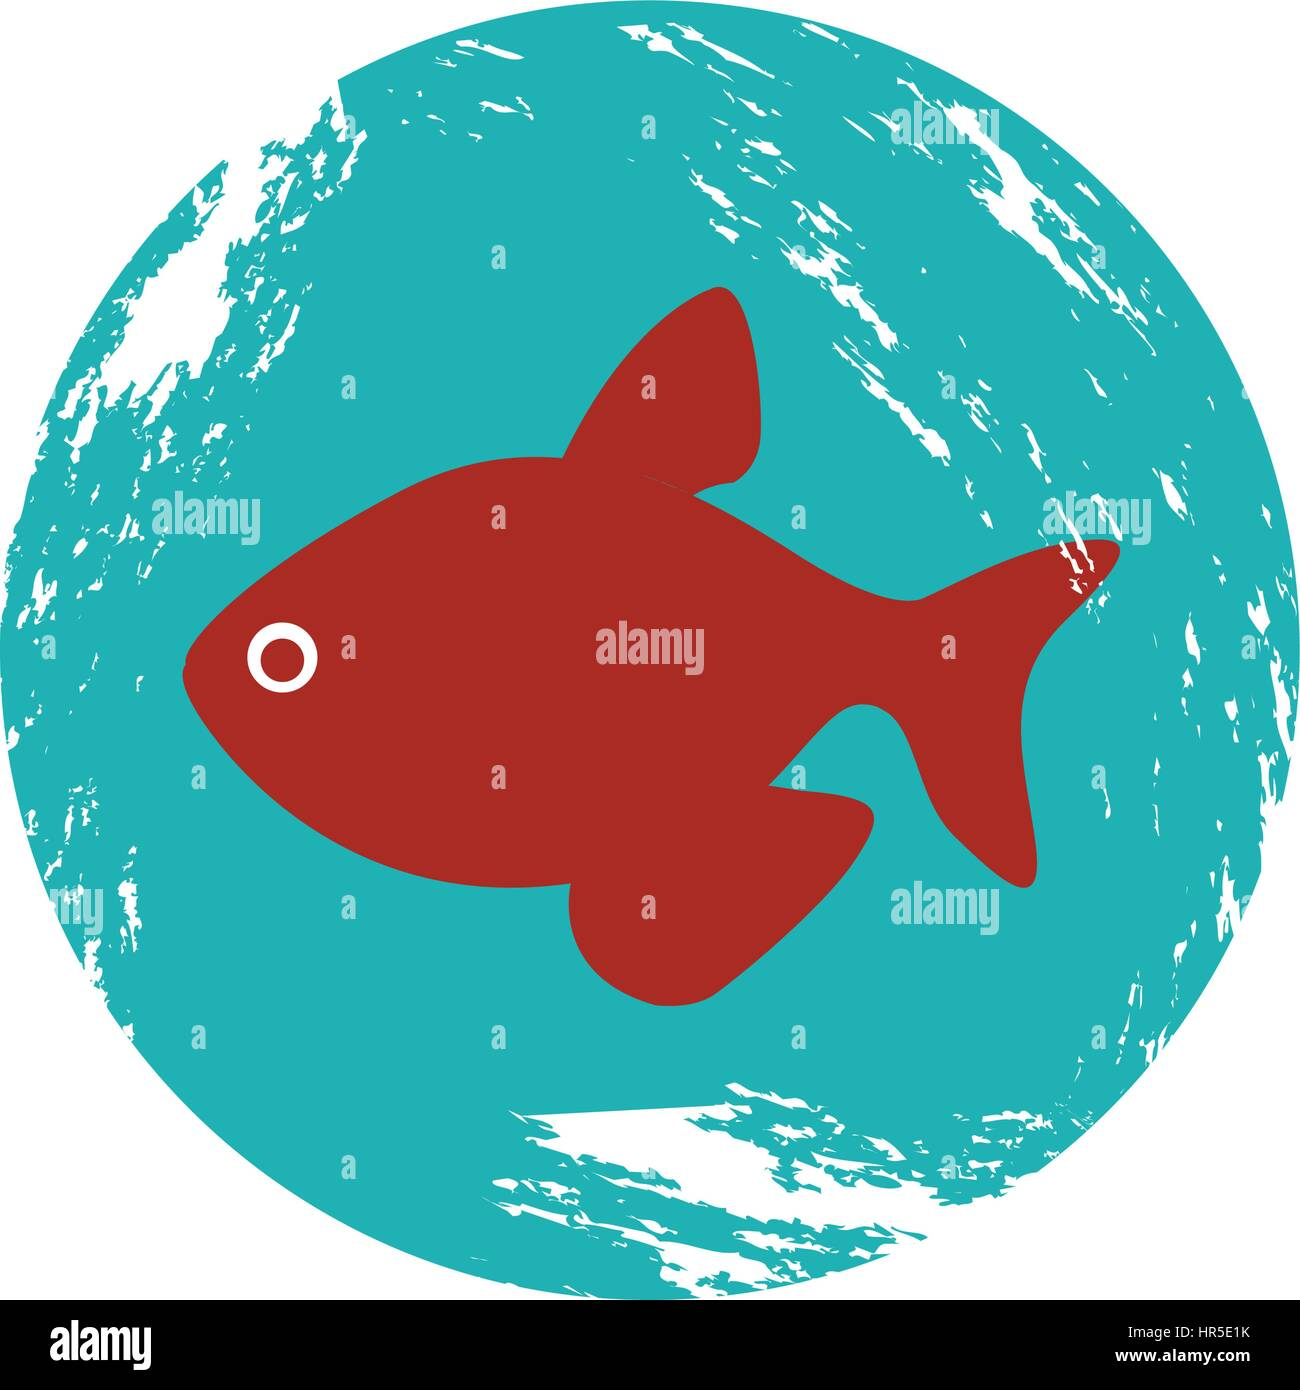 Blue Marlin Illustration Stock Photos & Blue Marlin Illustration ...